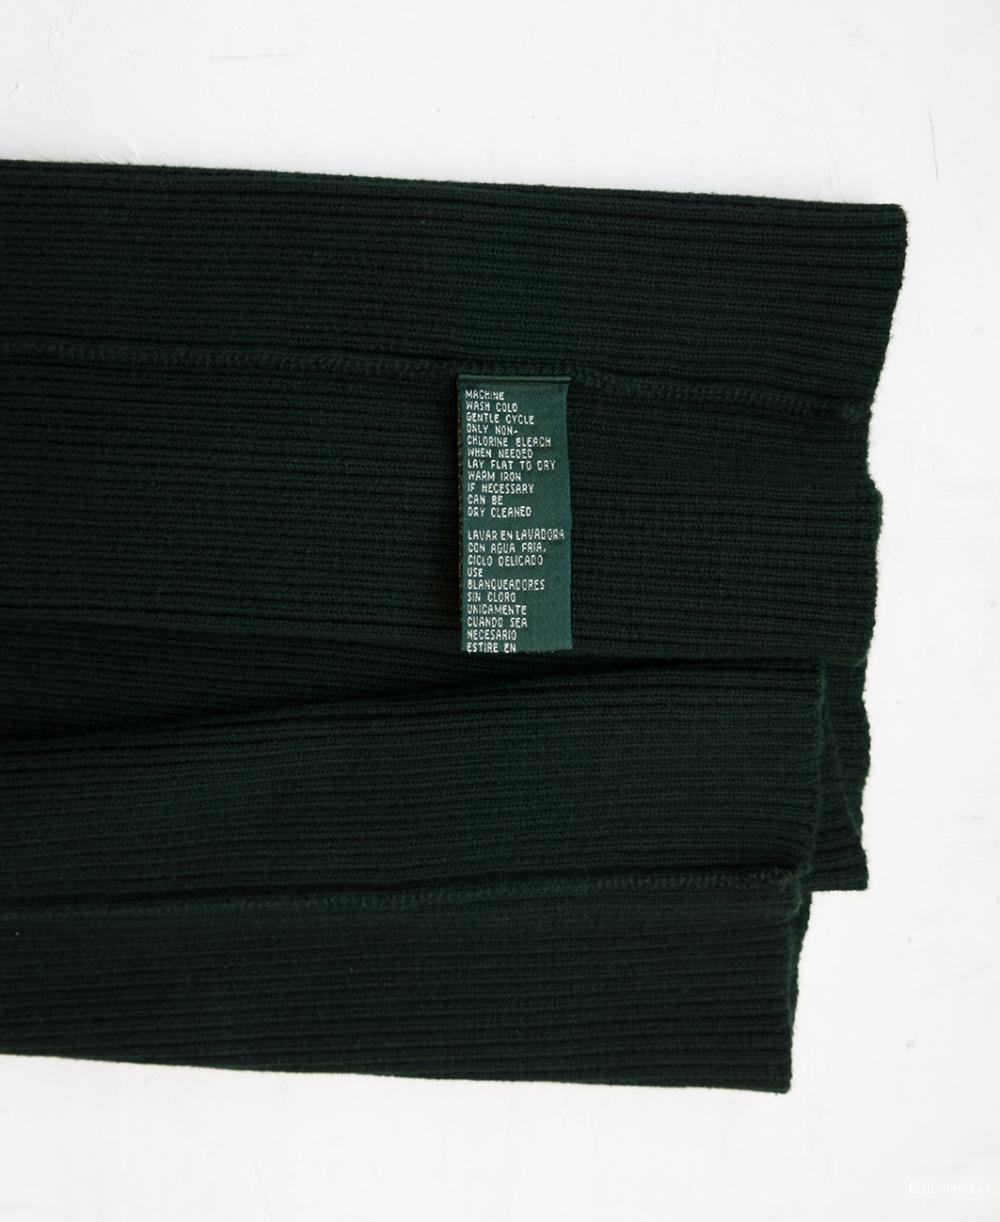 Водолазка Ralph Lauren, Р/Р (XS, S)